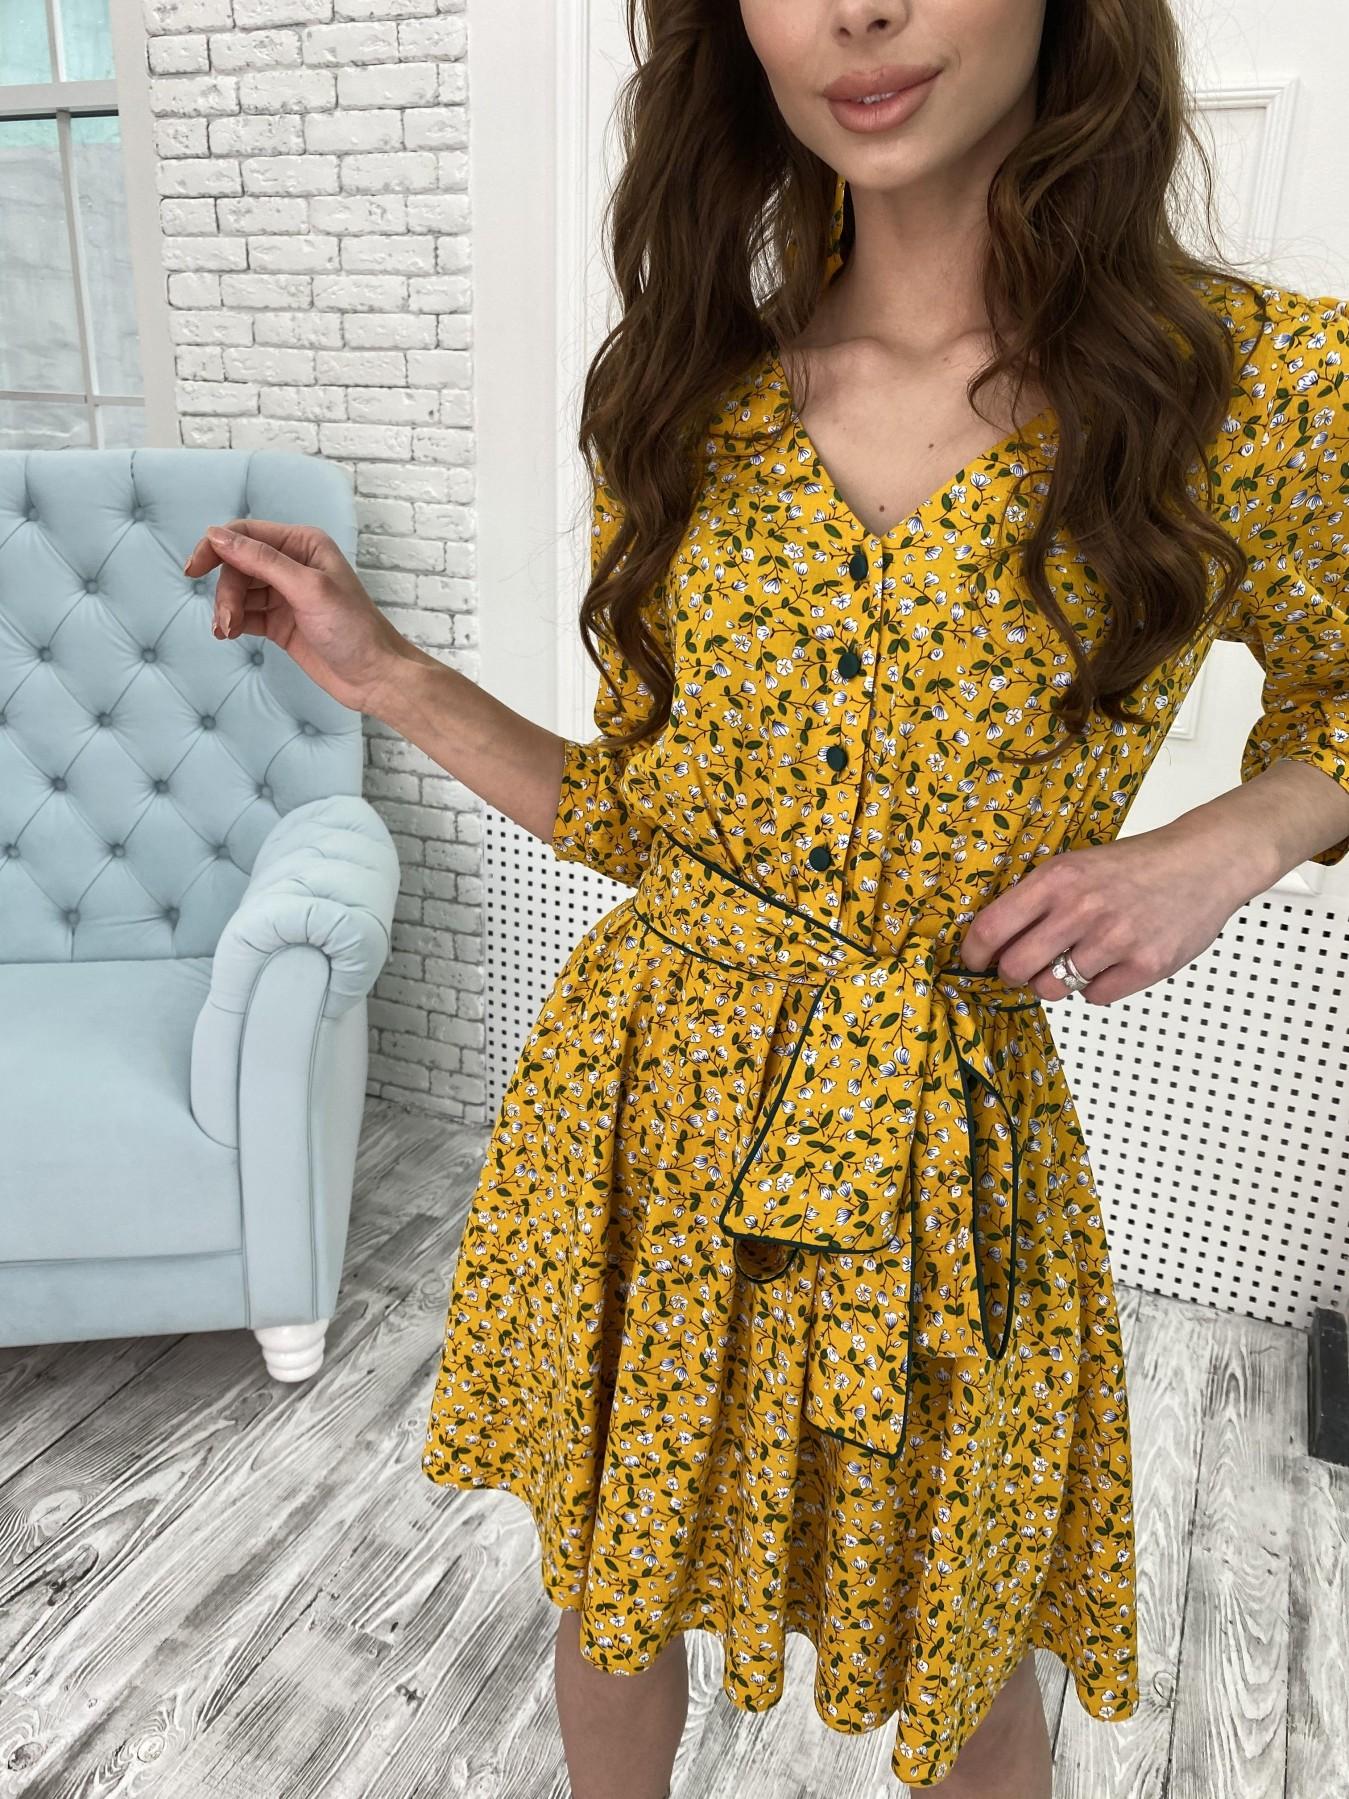 Джейн костюмка штапель принт платье 10881 АРТ. 47352 Цвет: Цветы мел горч/бел/гол - фото 8, интернет магазин tm-modus.ru